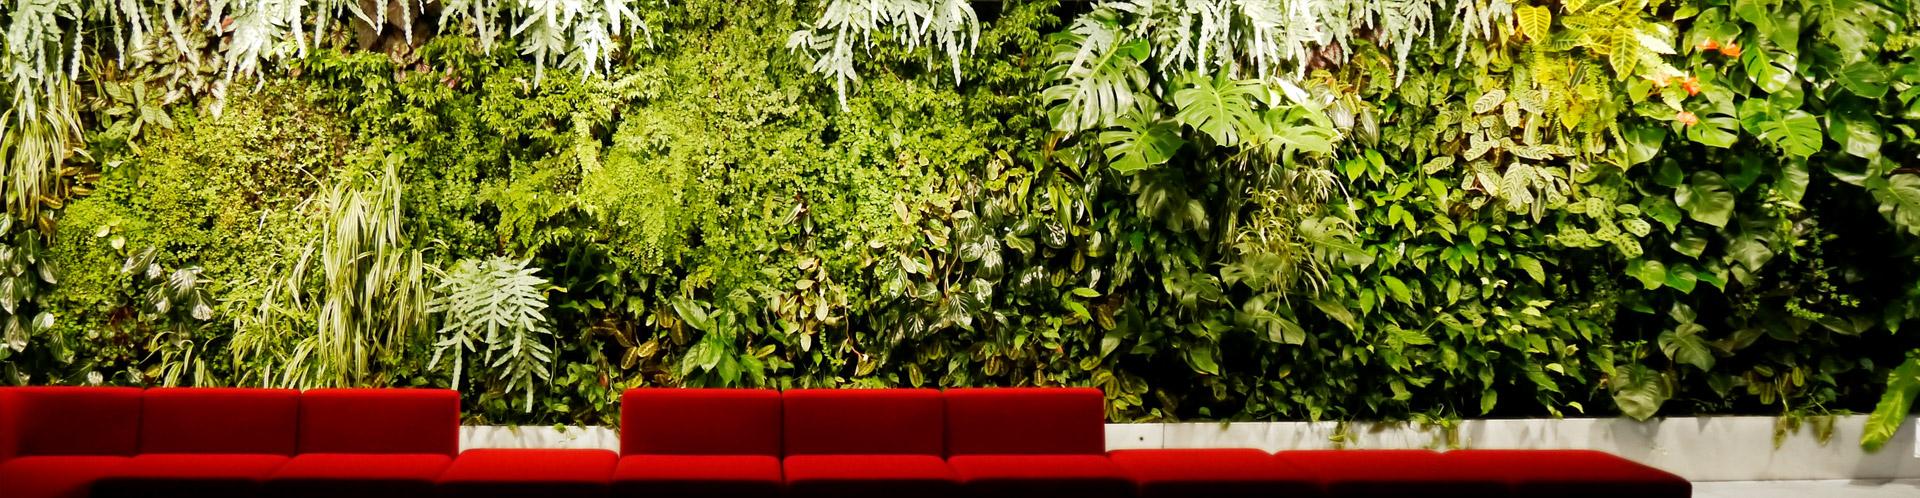 zahradni_osvetleni_zivich_sten_vertikalnich_zahrad